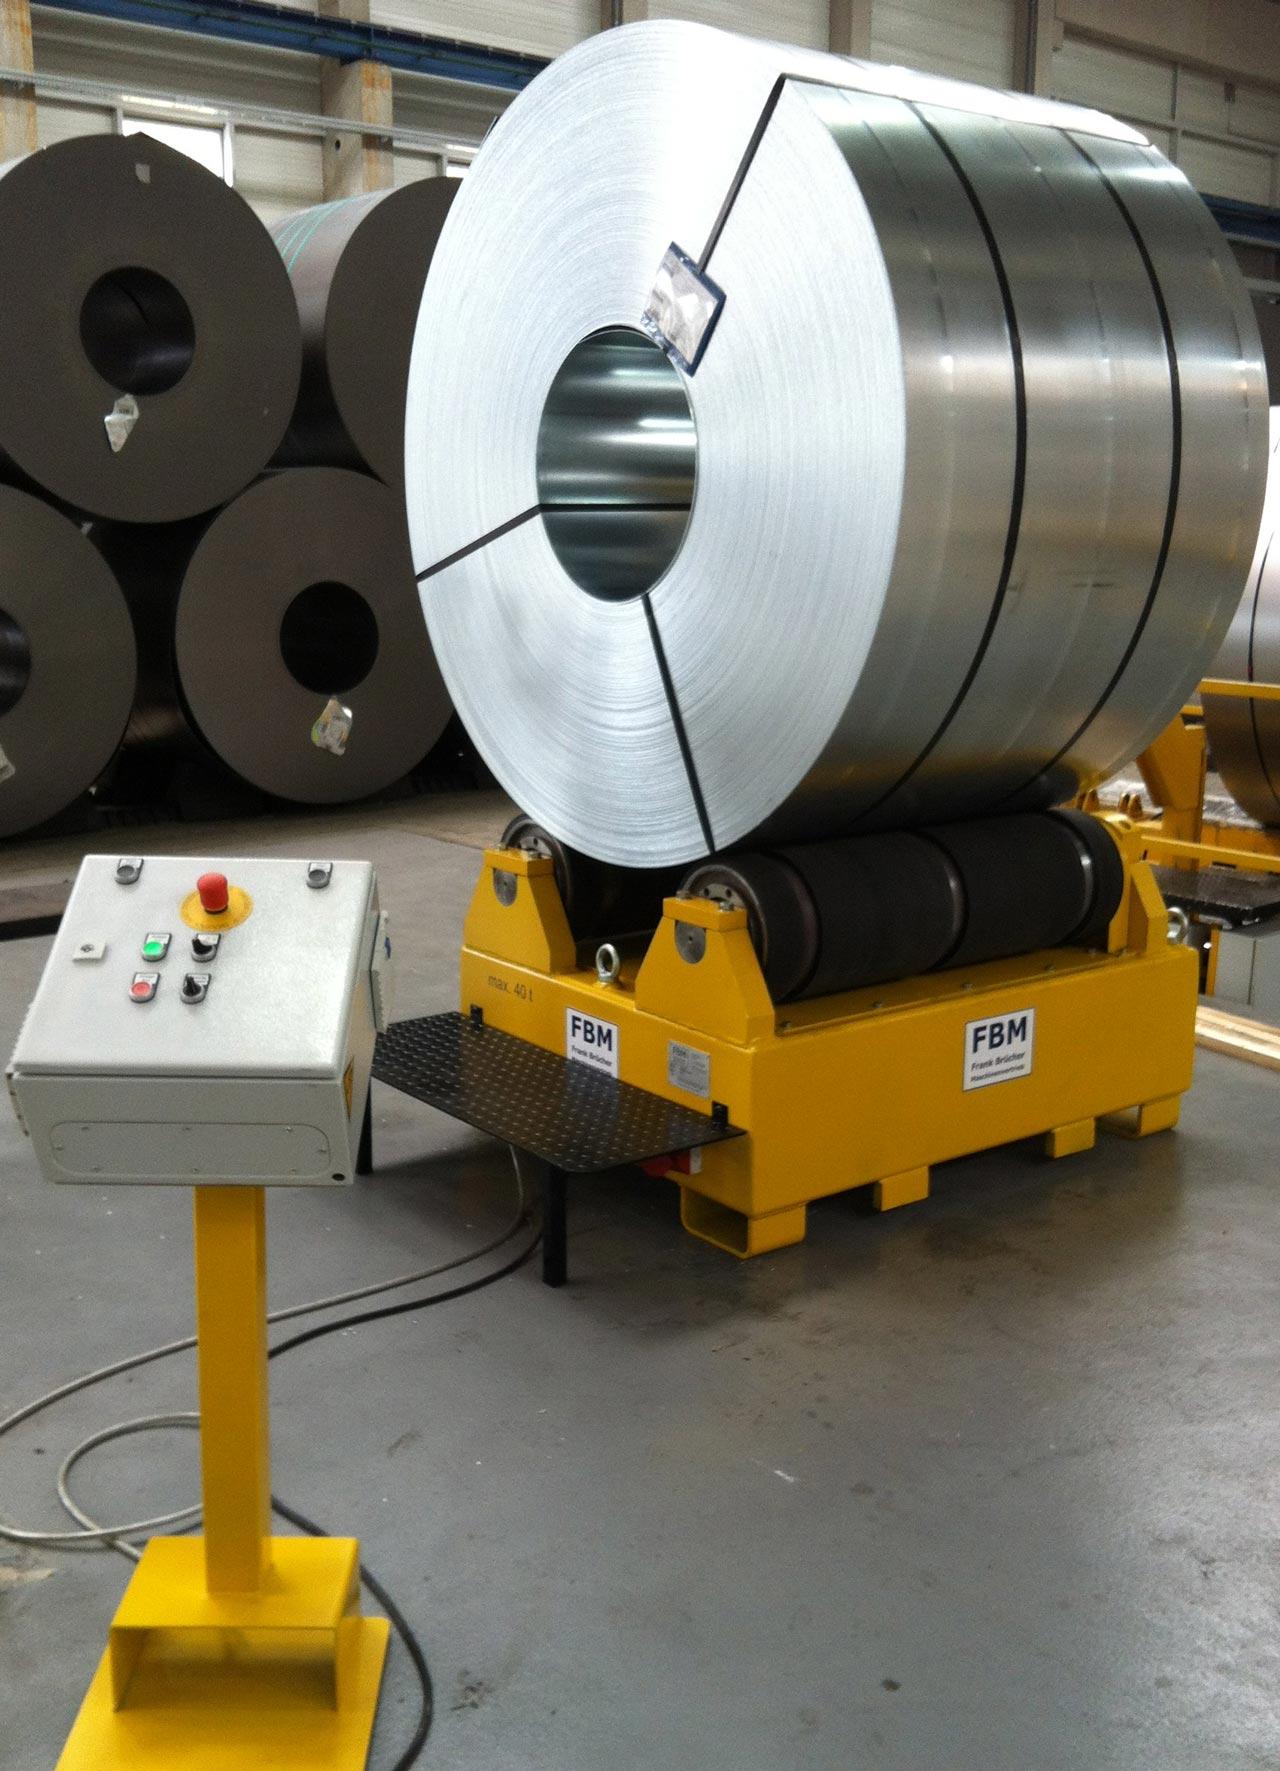 Coildrehstation, Coilvorbereitung, coilwender, coil drehvorrichtung, Coilvorbereitungsstation, Coilbock, Coil Drehstation, Coilverpackung, coil wenden, coil drehen, coil abwickeln, coil prüfen, Probenentnahme Coil